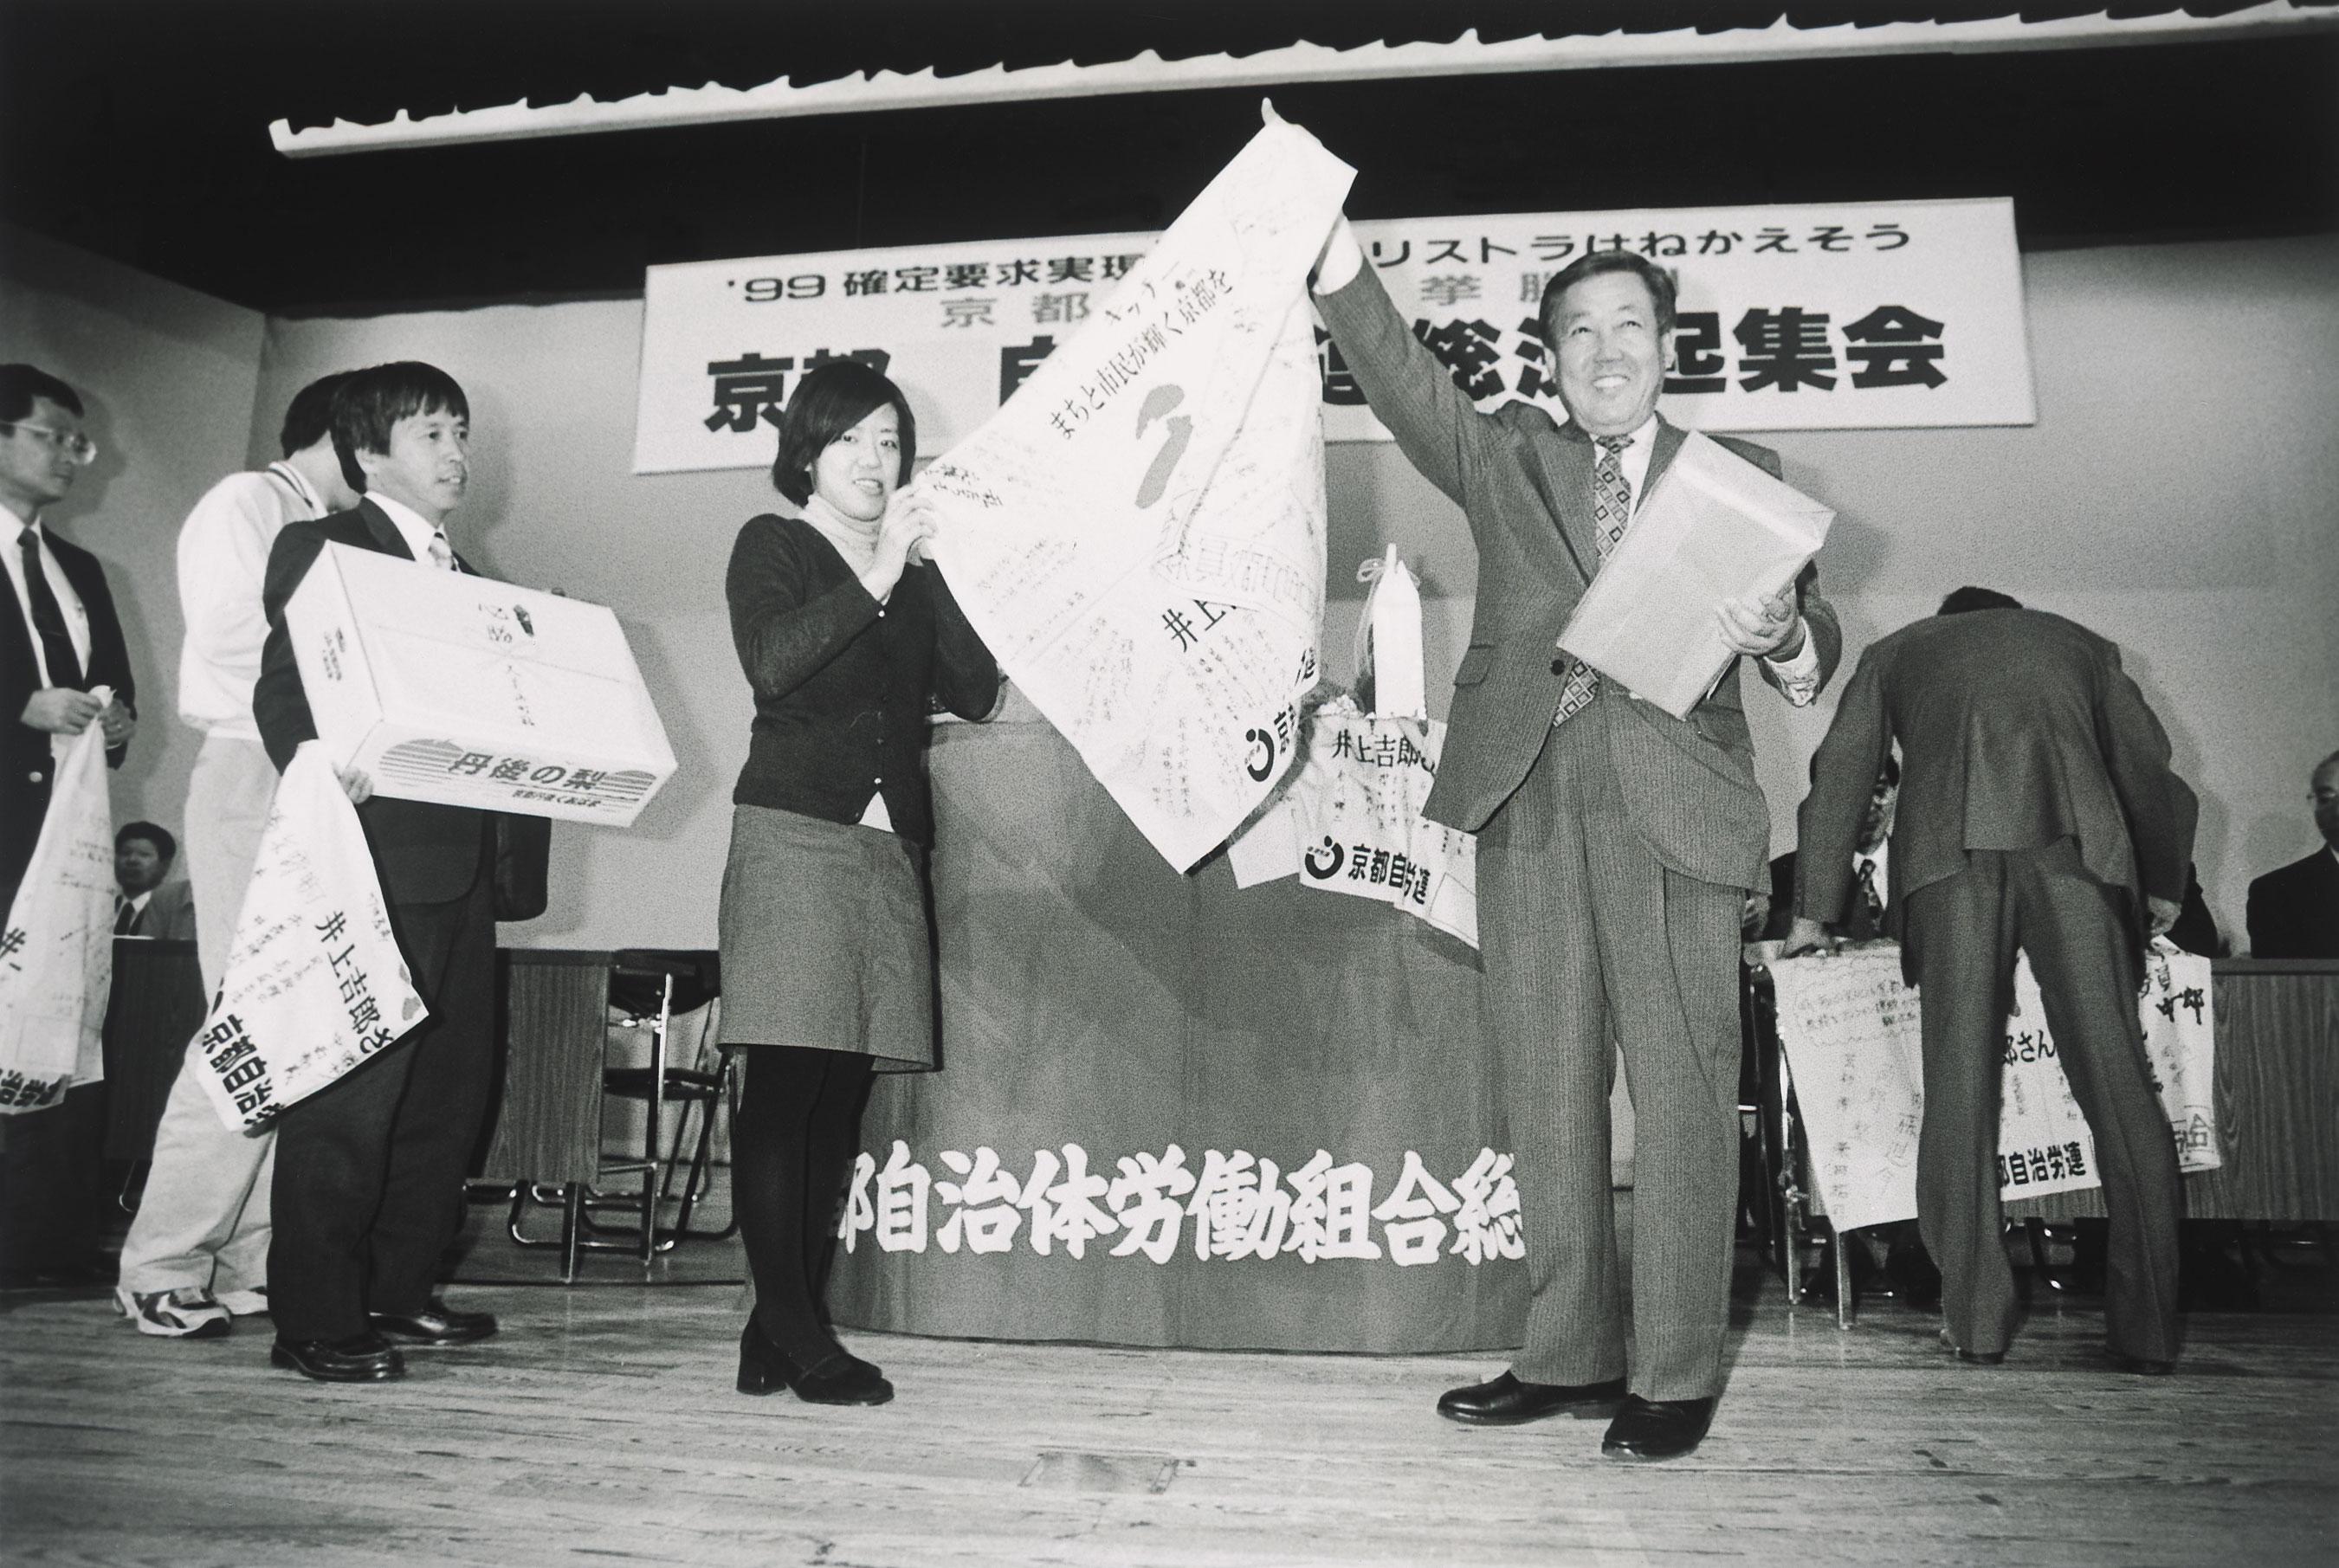 京都市長選挙勝利総決起集会